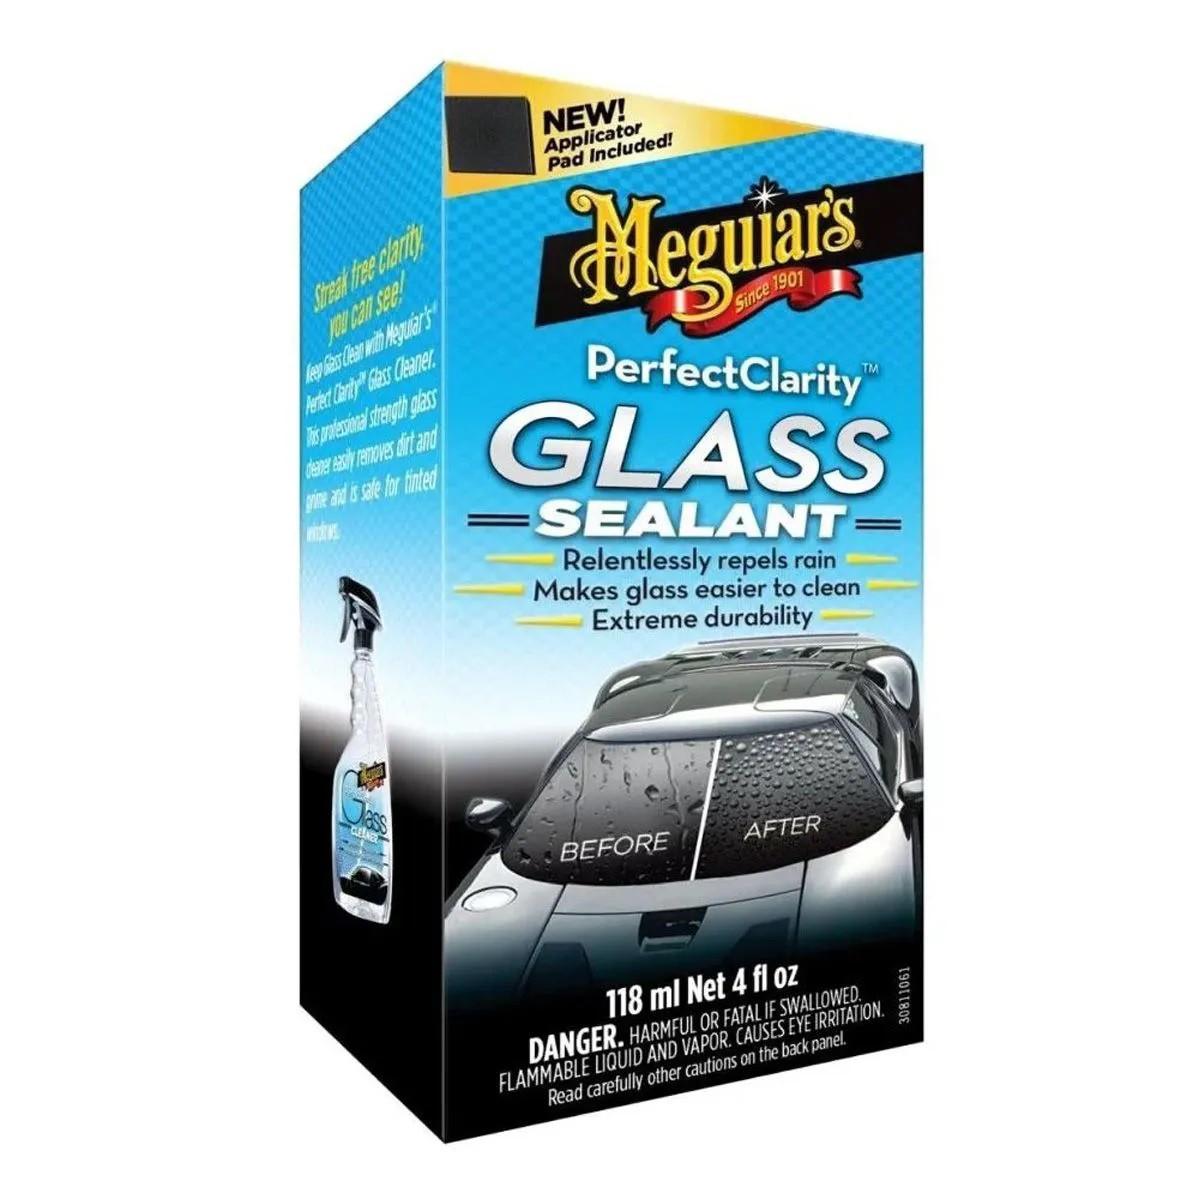 Cristalizador De Vidros Clarity Glass Sealant 118ml - Meguiars